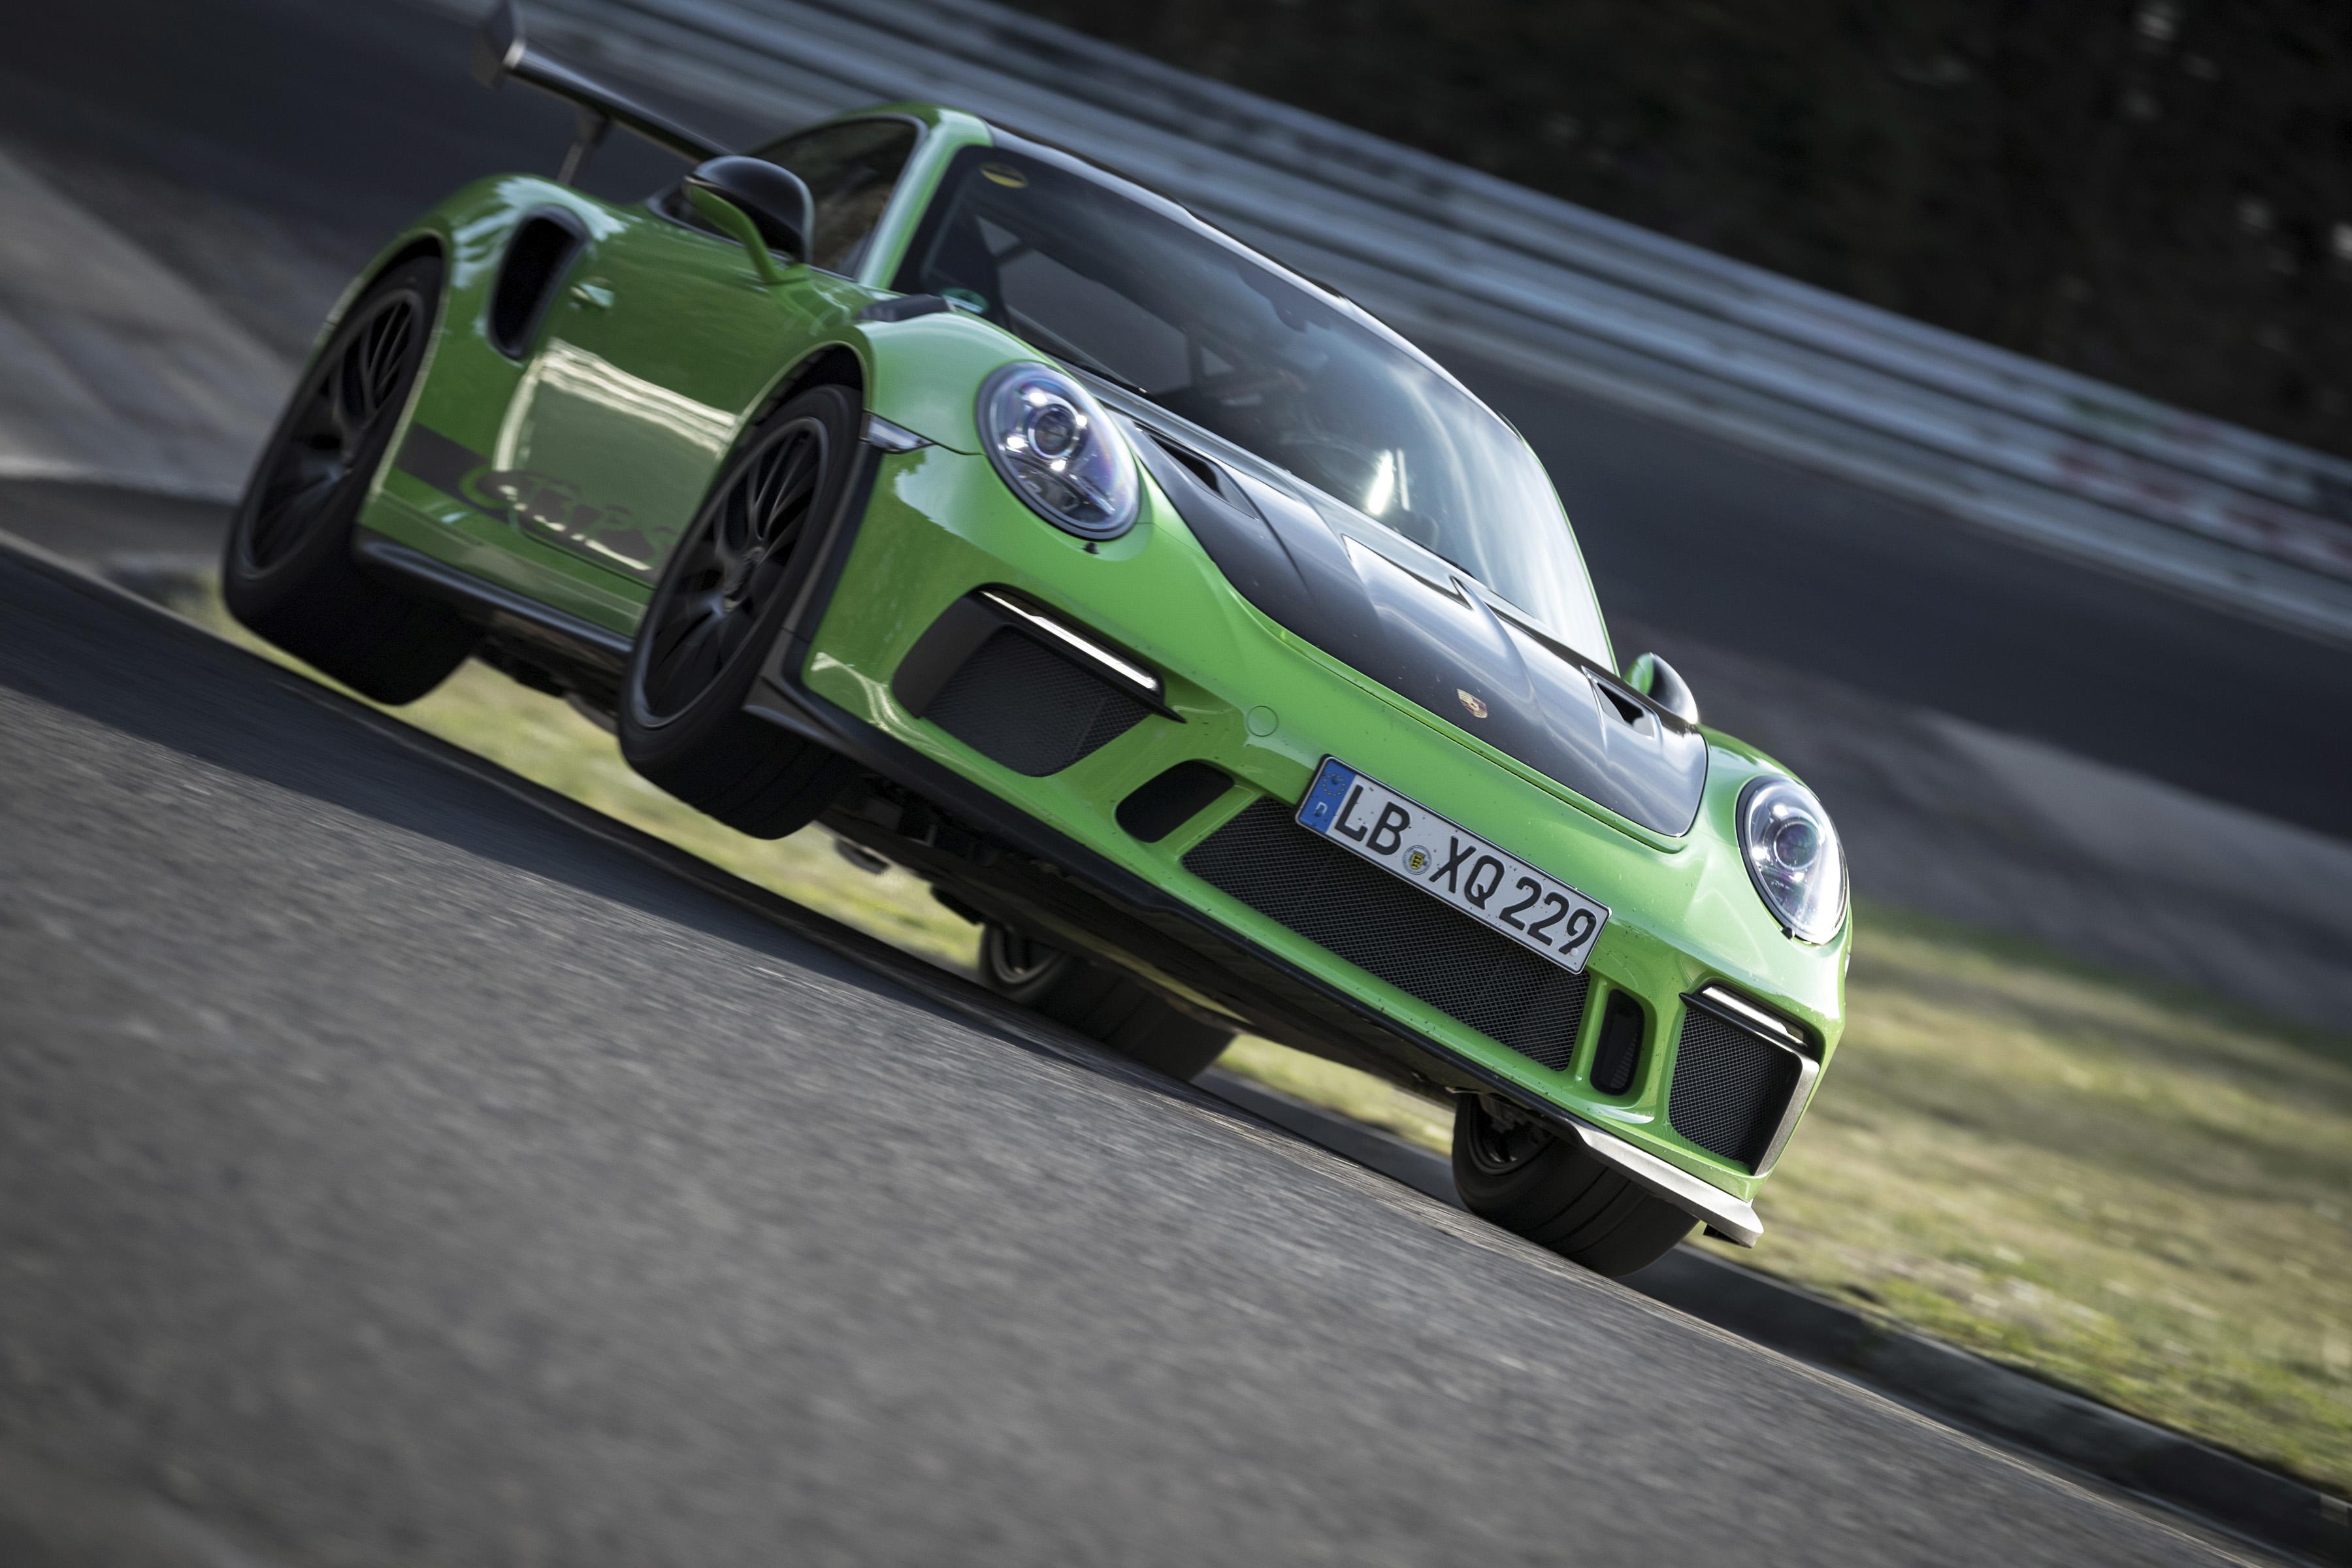 La Porsche 911 GT3 RS en 6'56.4 sur le Ring